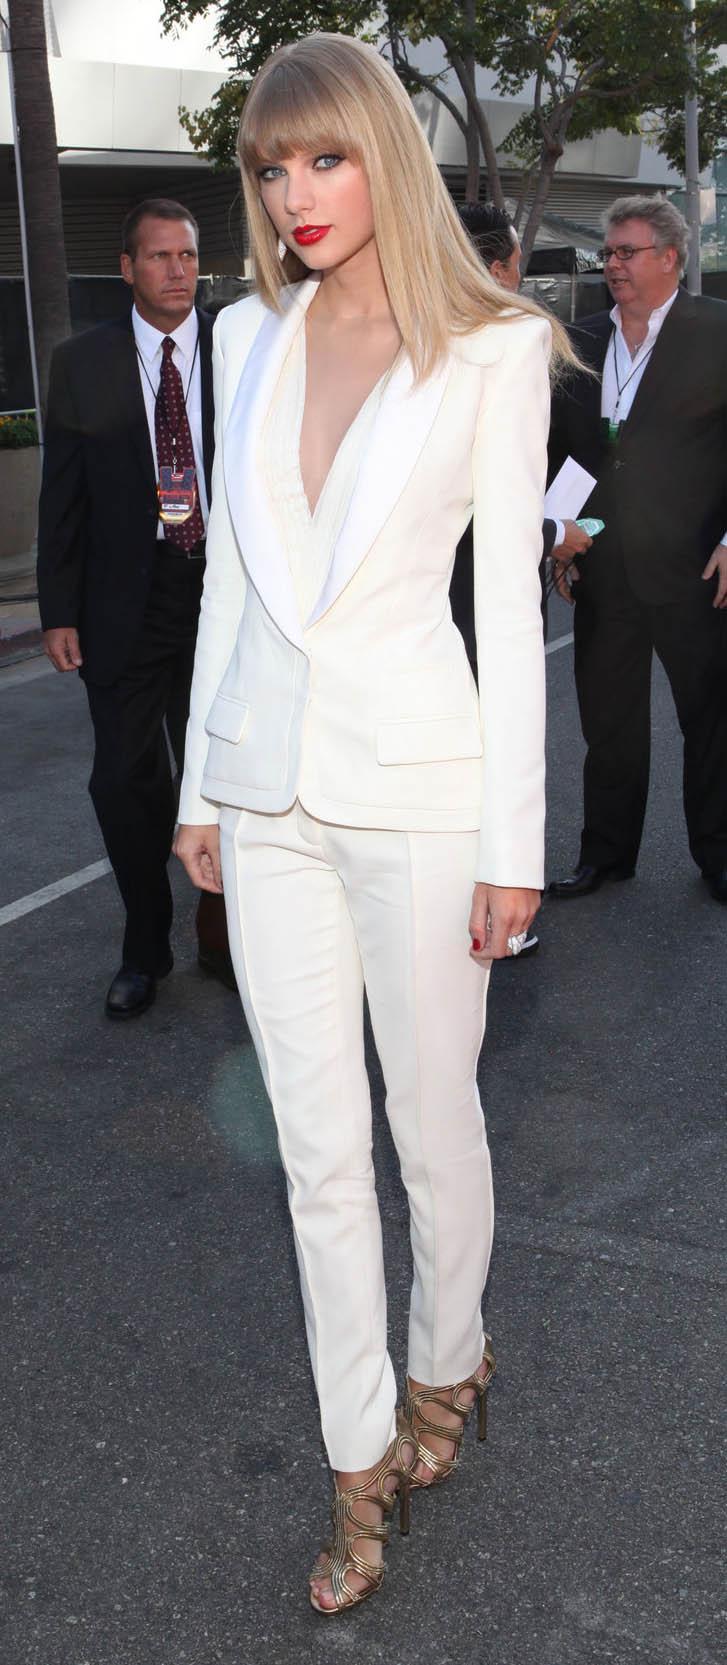 white-slim-pants-white-jacket-blazer-suit-tan-shoe-sandalh-taylorswift-spring-summer-blonde-dinner.jpg